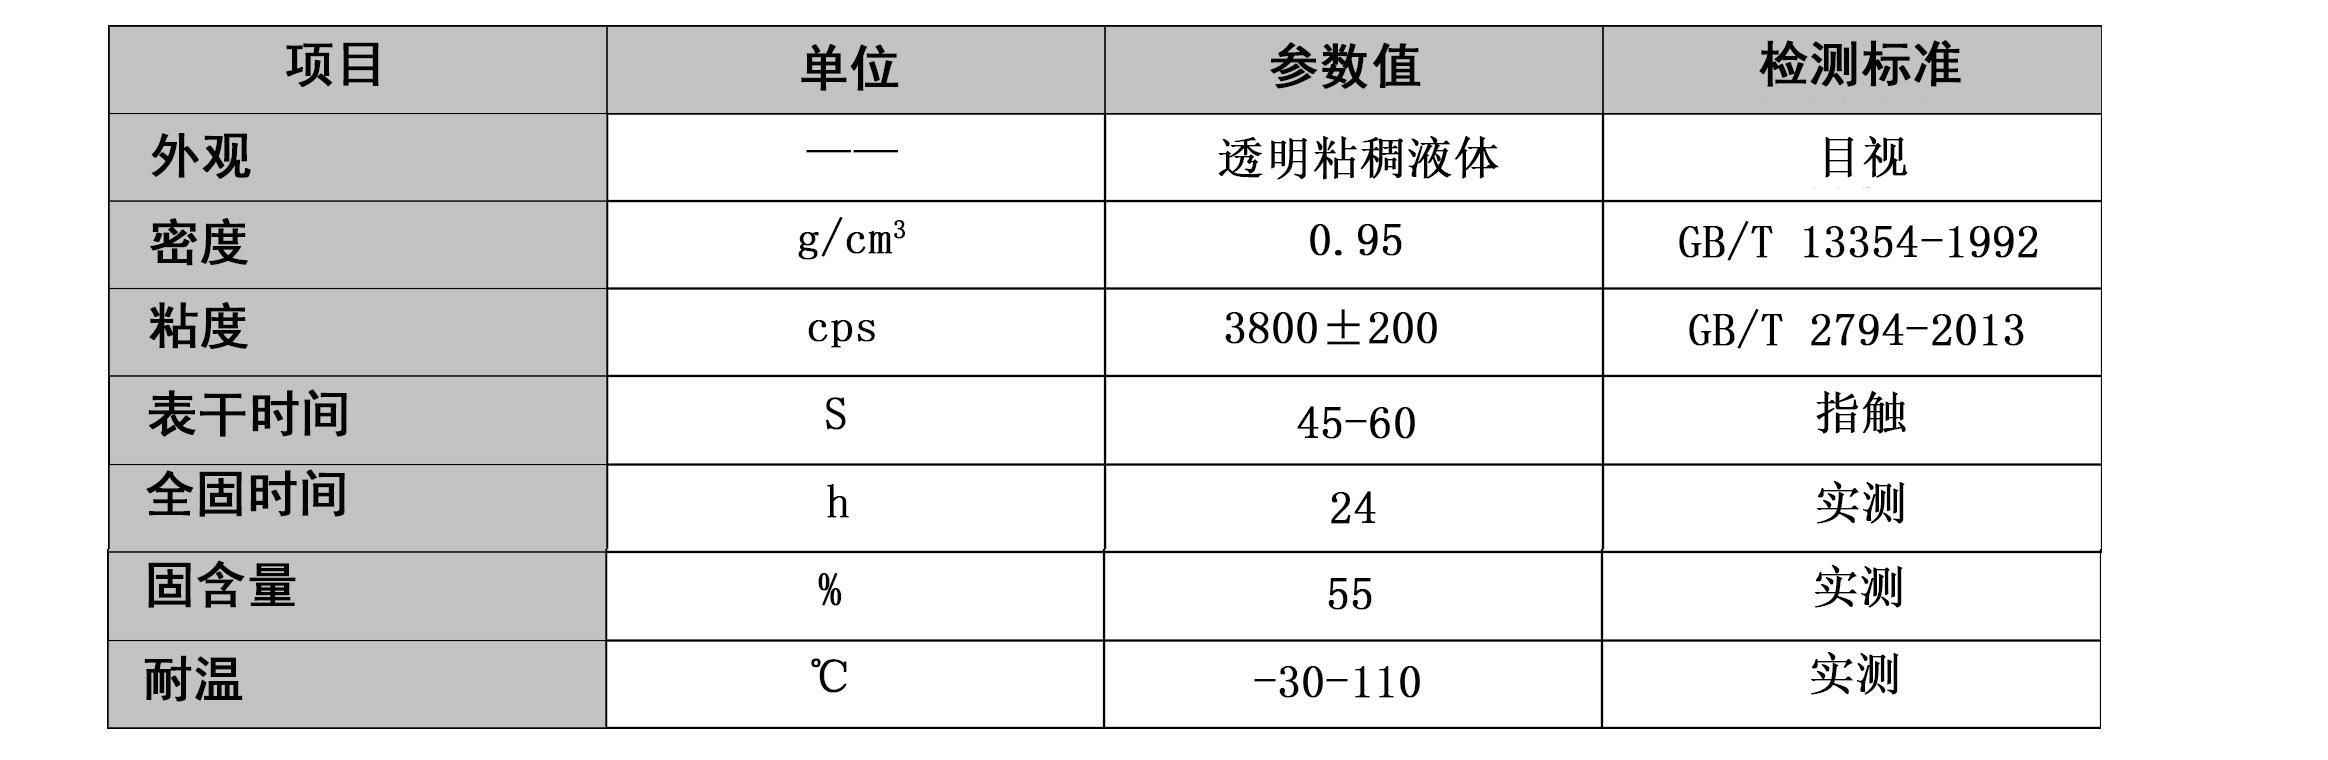 PC-PS-ABS专用胶水